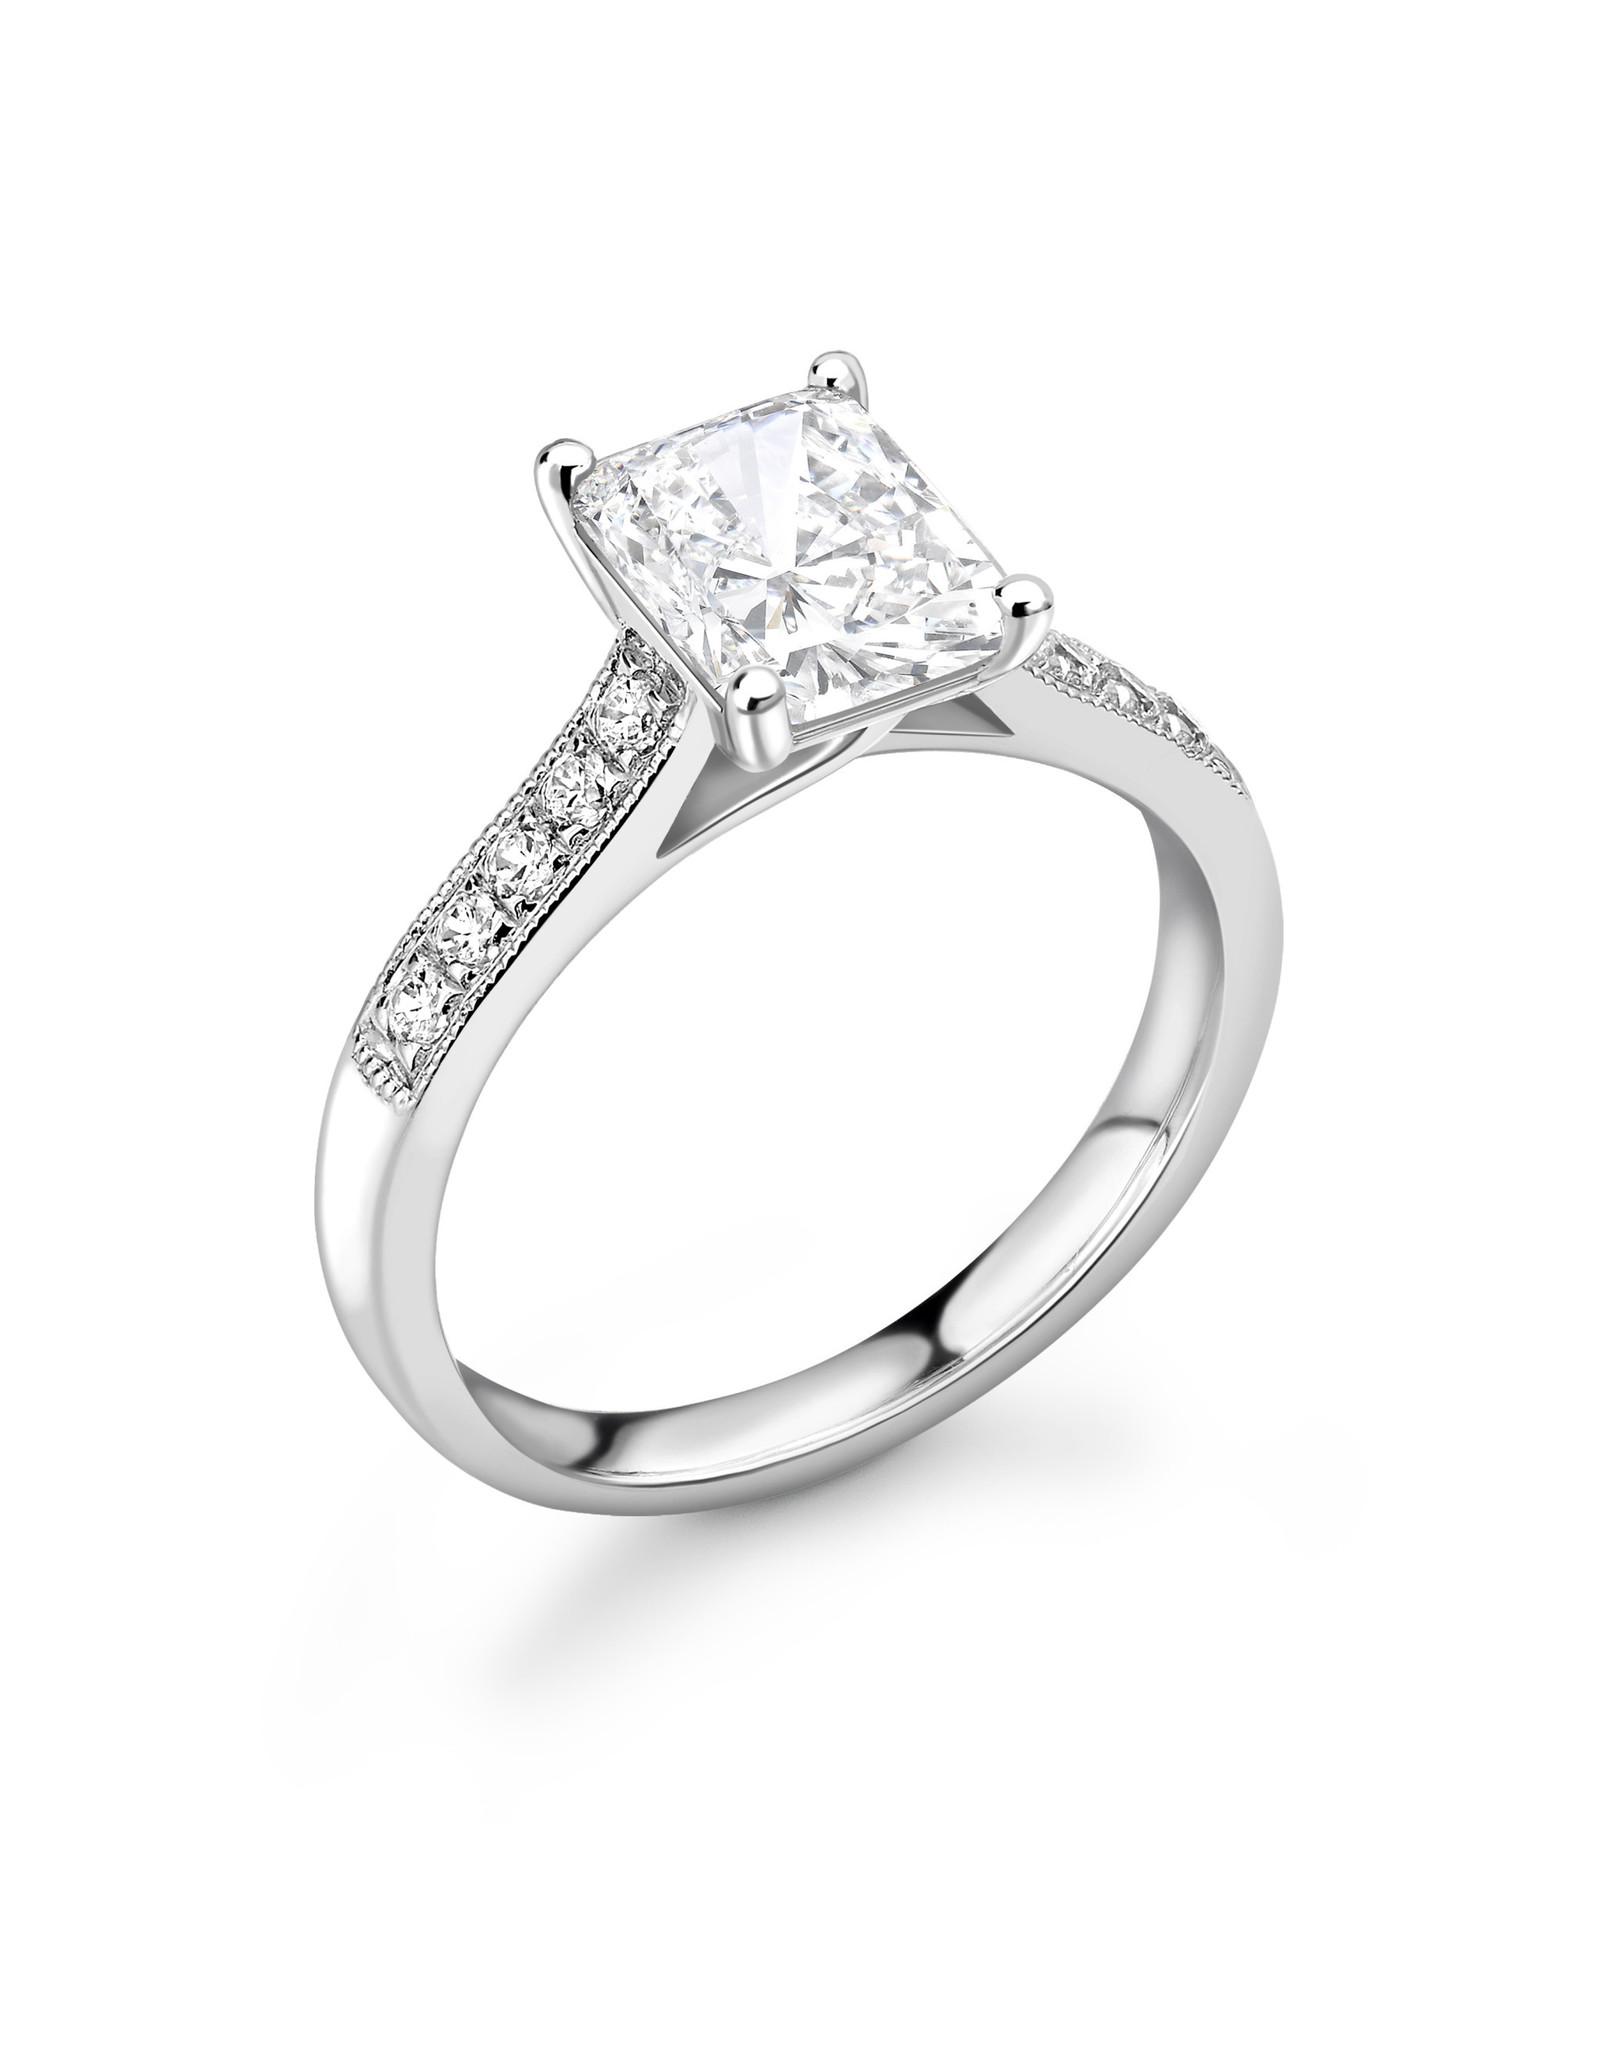 LVN Emerald Cut Verlovingsring Met Zijsteentjes LVNRX4009